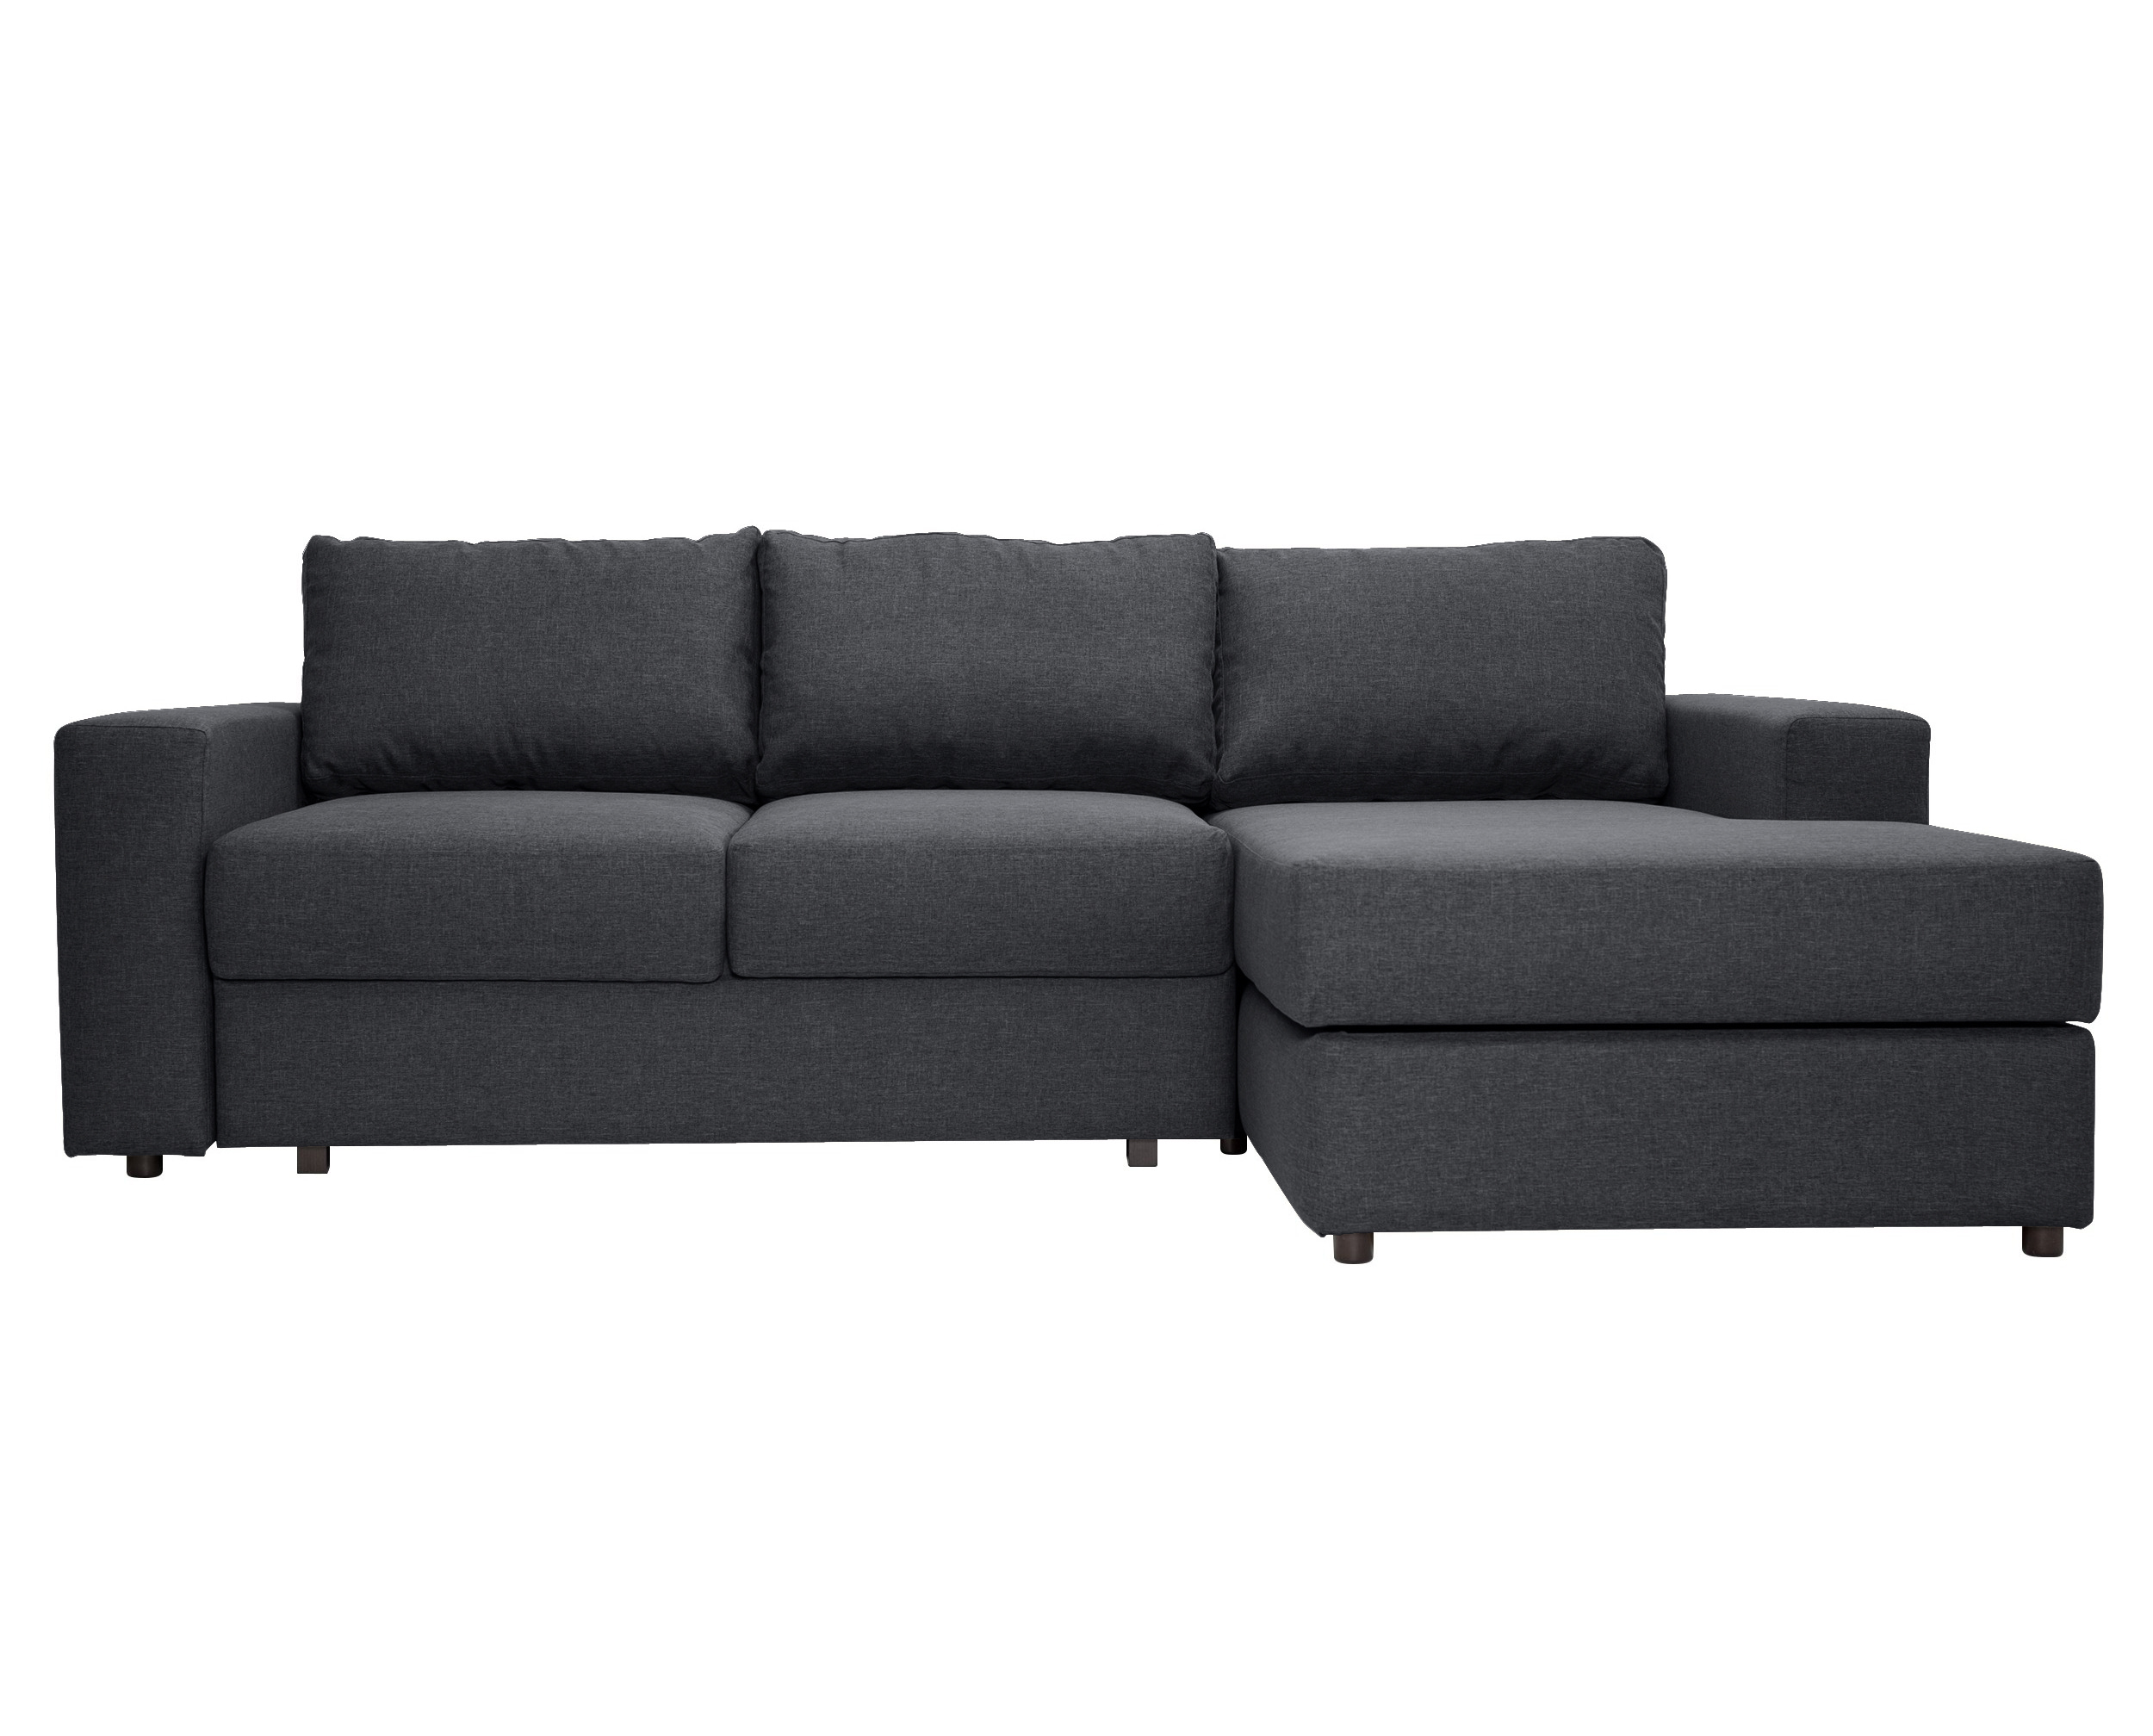 Угловой раскладной диван LumaУгловые раскладные диваны<br>Лаконичный диван для современных интерьеров. Исполнен<br>вроде бы традиционно, но с модерновыми нотками. Тут и нестандартная текстура&amp;amp;nbsp;ткани, и объемные формы, из которых особо выделяются подушки. И еще — довольно&amp;amp;nbsp;приземистая посадка. Диван довольно крупный, поэтому лучше всего использовать&amp;amp;nbsp;его, если у вас есть достаточно свободного пространства. Он задаст настроение&amp;amp;nbsp;всей комнате.&amp;lt;p&amp;gt;&amp;lt;/p&amp;gt;&amp;lt;div&amp;gt;Каркас: фанера, массив;&amp;lt;/div&amp;gt;&amp;lt;div&amp;gt;Наполнение: высокоэластичный ППУ;&amp;lt;/div&amp;gt;&amp;lt;div&amp;gt;Обивка: мебельная ткань, устойчивая к стиранию;&amp;lt;/div&amp;gt;&amp;lt;div&amp;gt;Опоры: массив дерева;&amp;lt;/div&amp;gt;&amp;lt;div&amp;gt;Дополнительно: возможно оборудование раскладным механизмом&amp;lt;/div&amp;gt;<br><br>Material: Текстиль<br>Width см: 250<br>Depth см: 158<br>Height см: 79